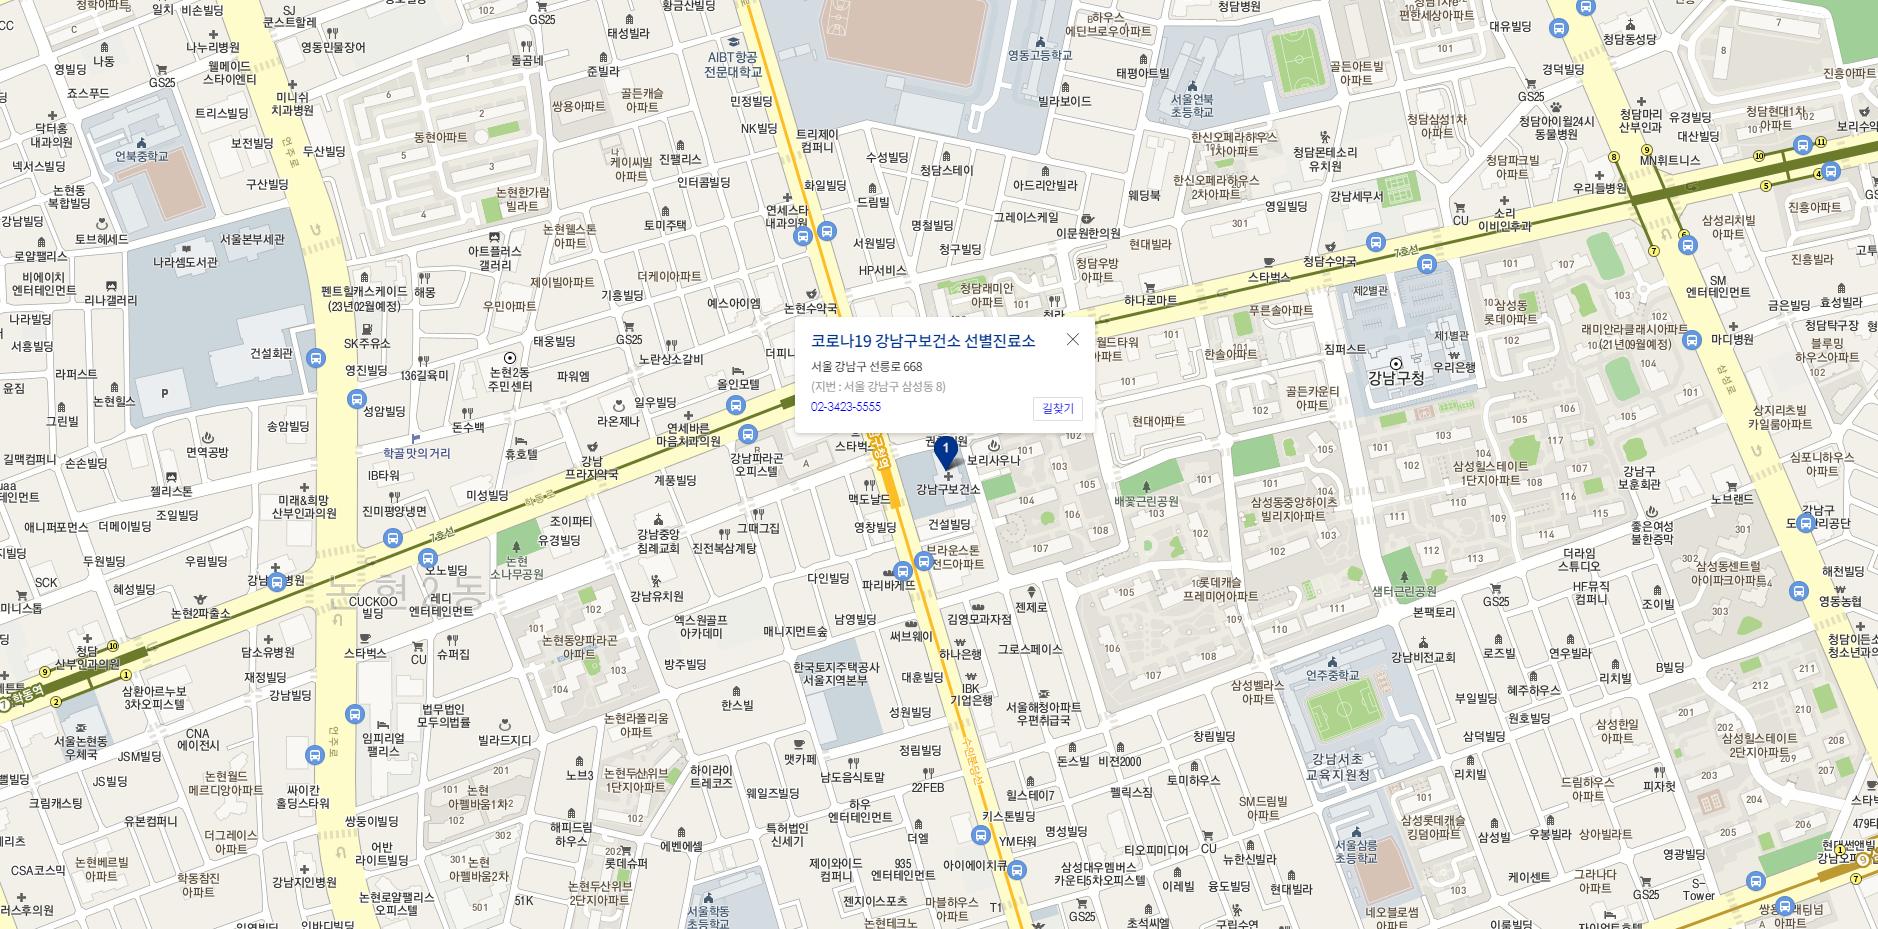 이 사진은 강남구 보건소의 위치 지도입니다